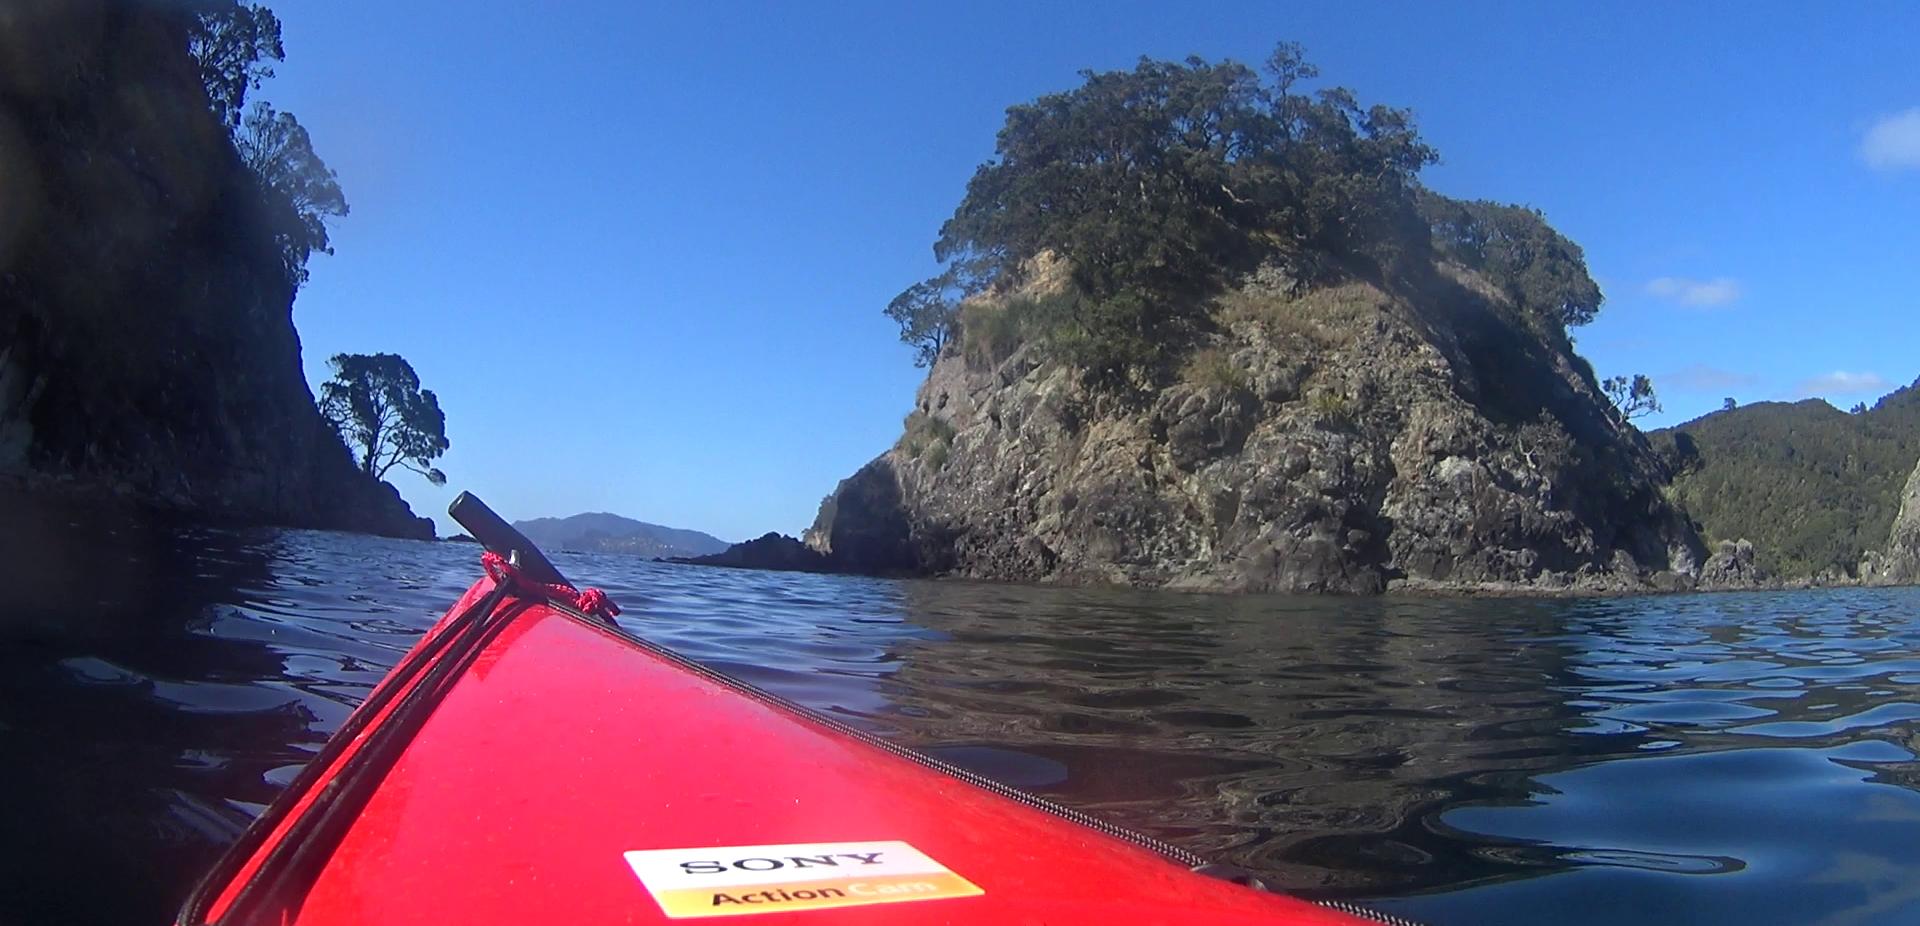 Waipapa Island on the left